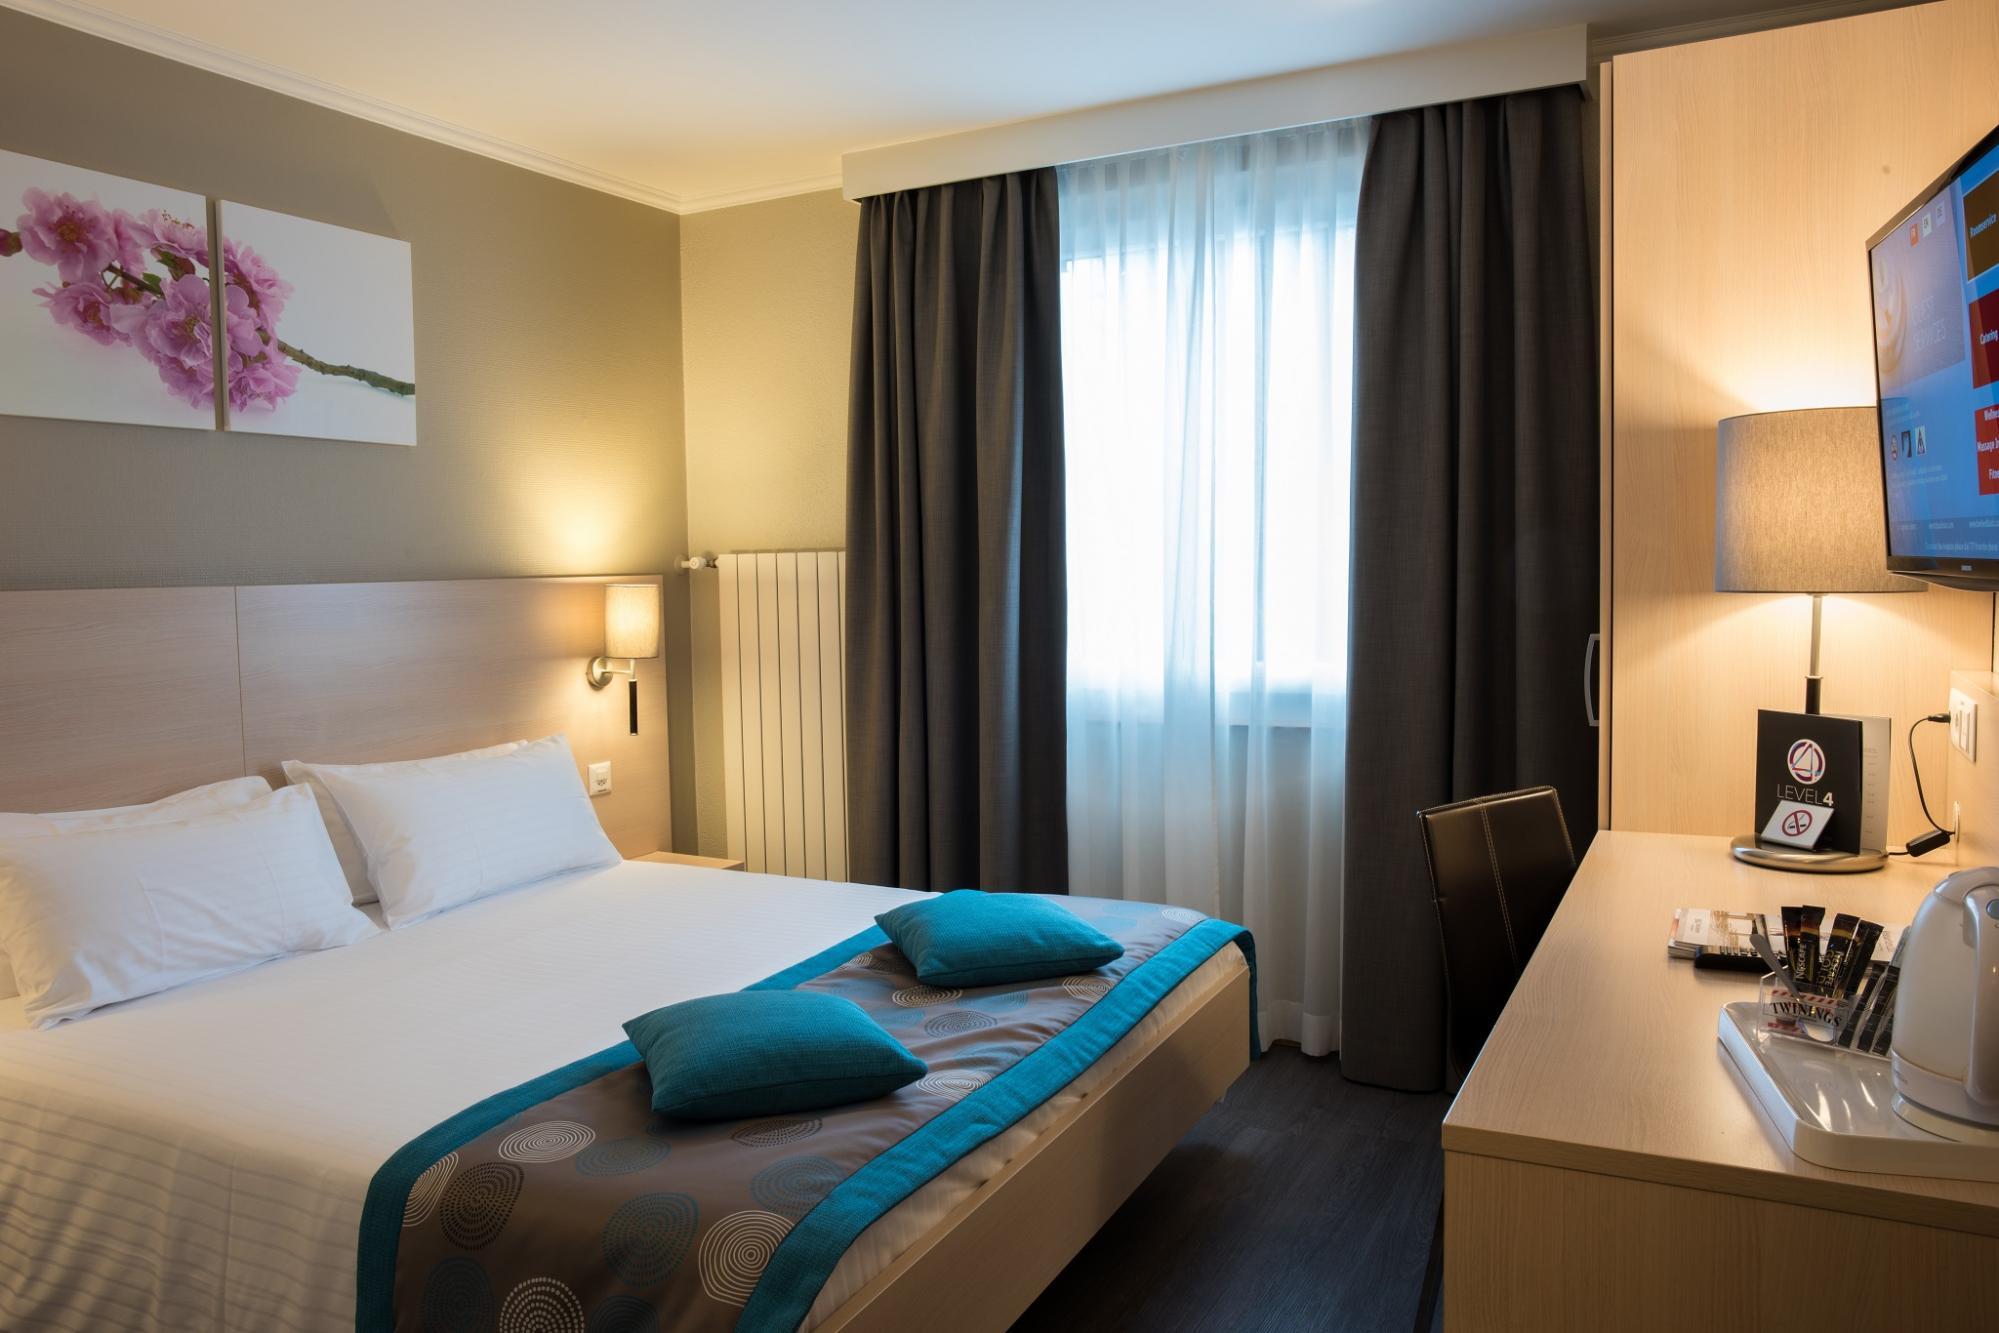 Best Western Hotel Chavannes De Bogis